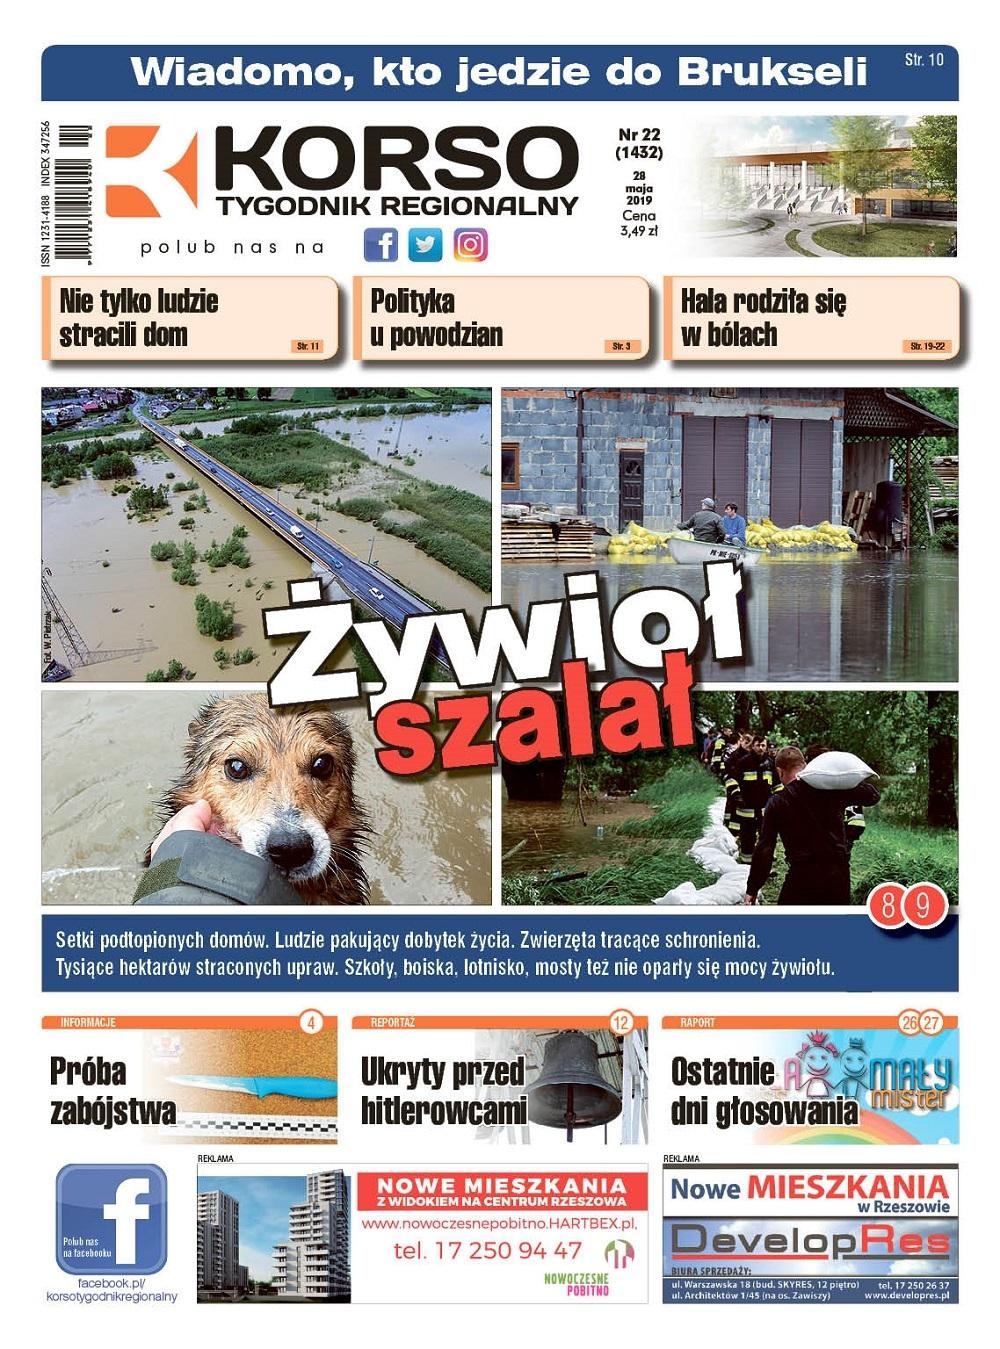 Tygodnik Regionalny Korso nr 22/2019  - Zdjęcie główne